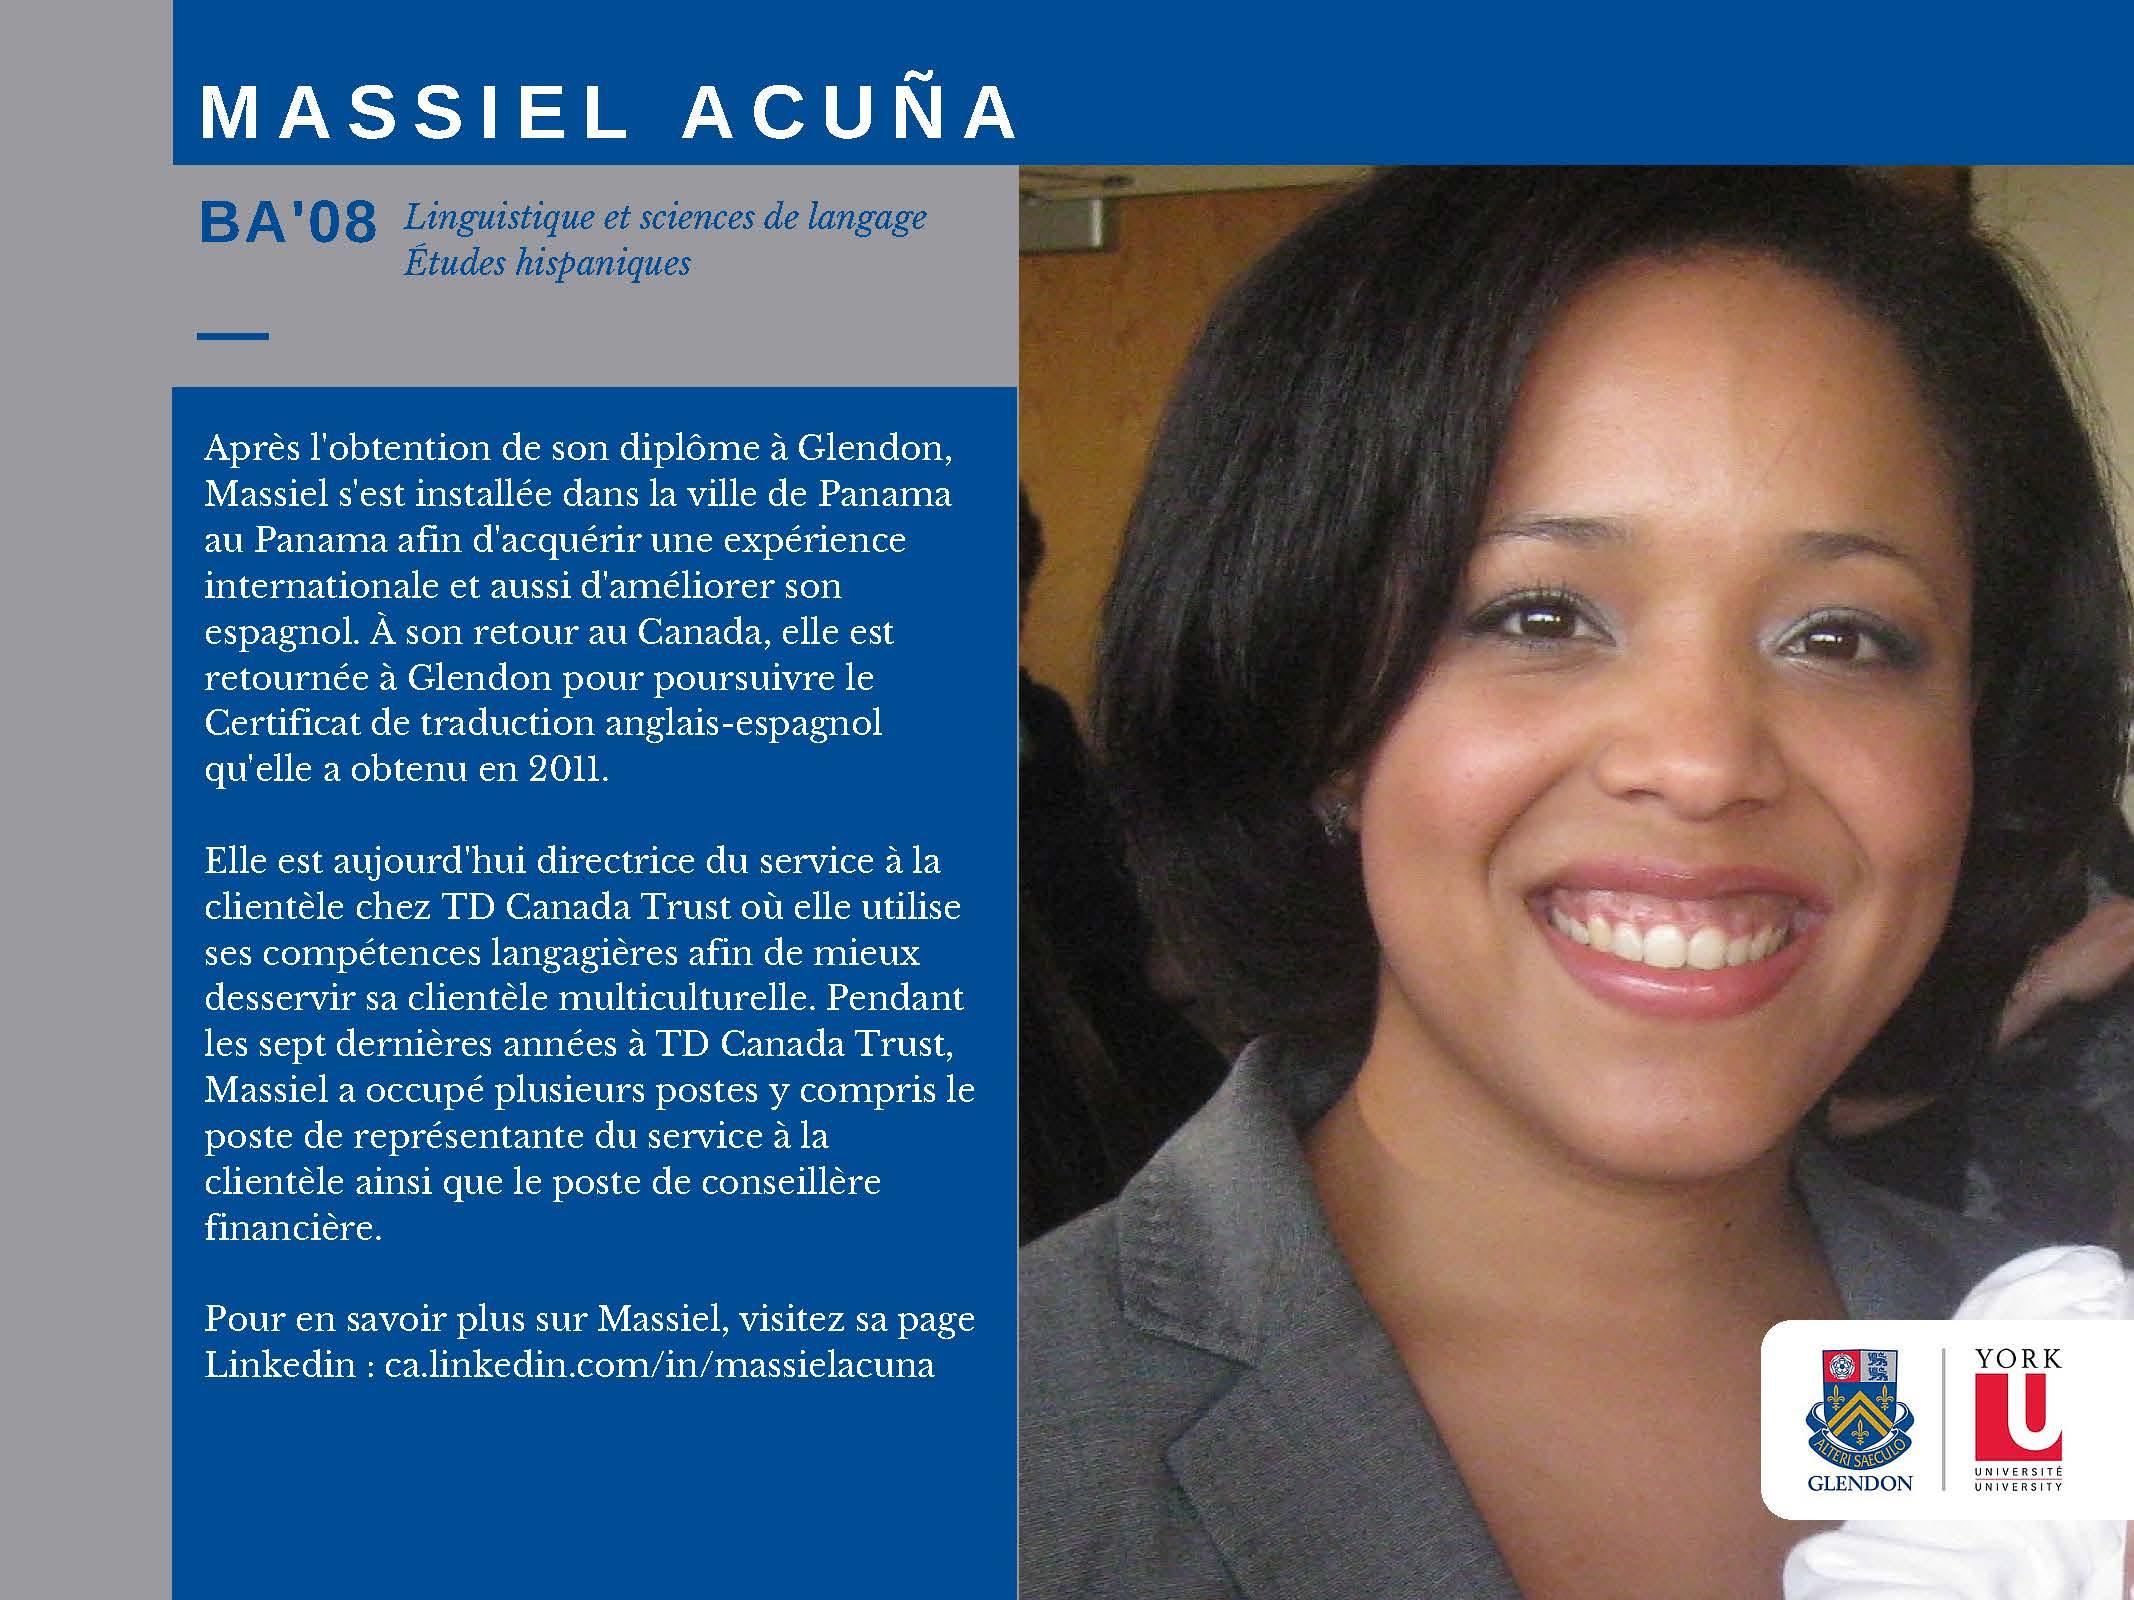 Massiel Acuna FR